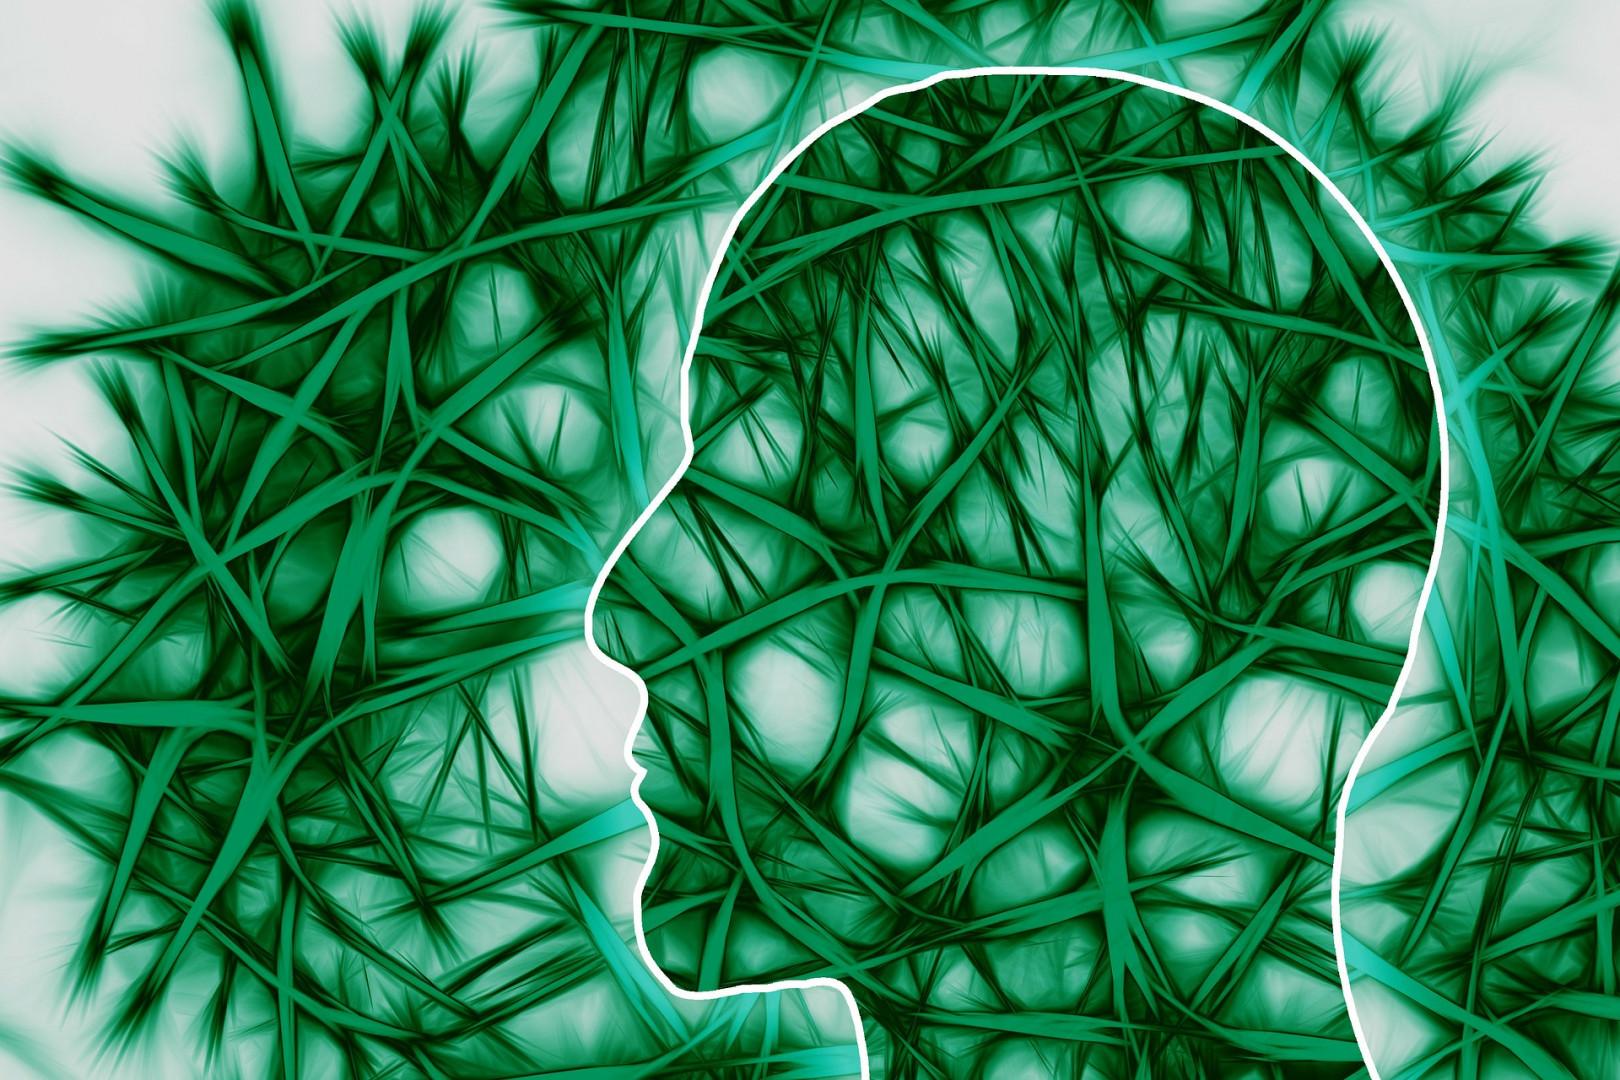 gut to brain, vagus nerve, nerve cells